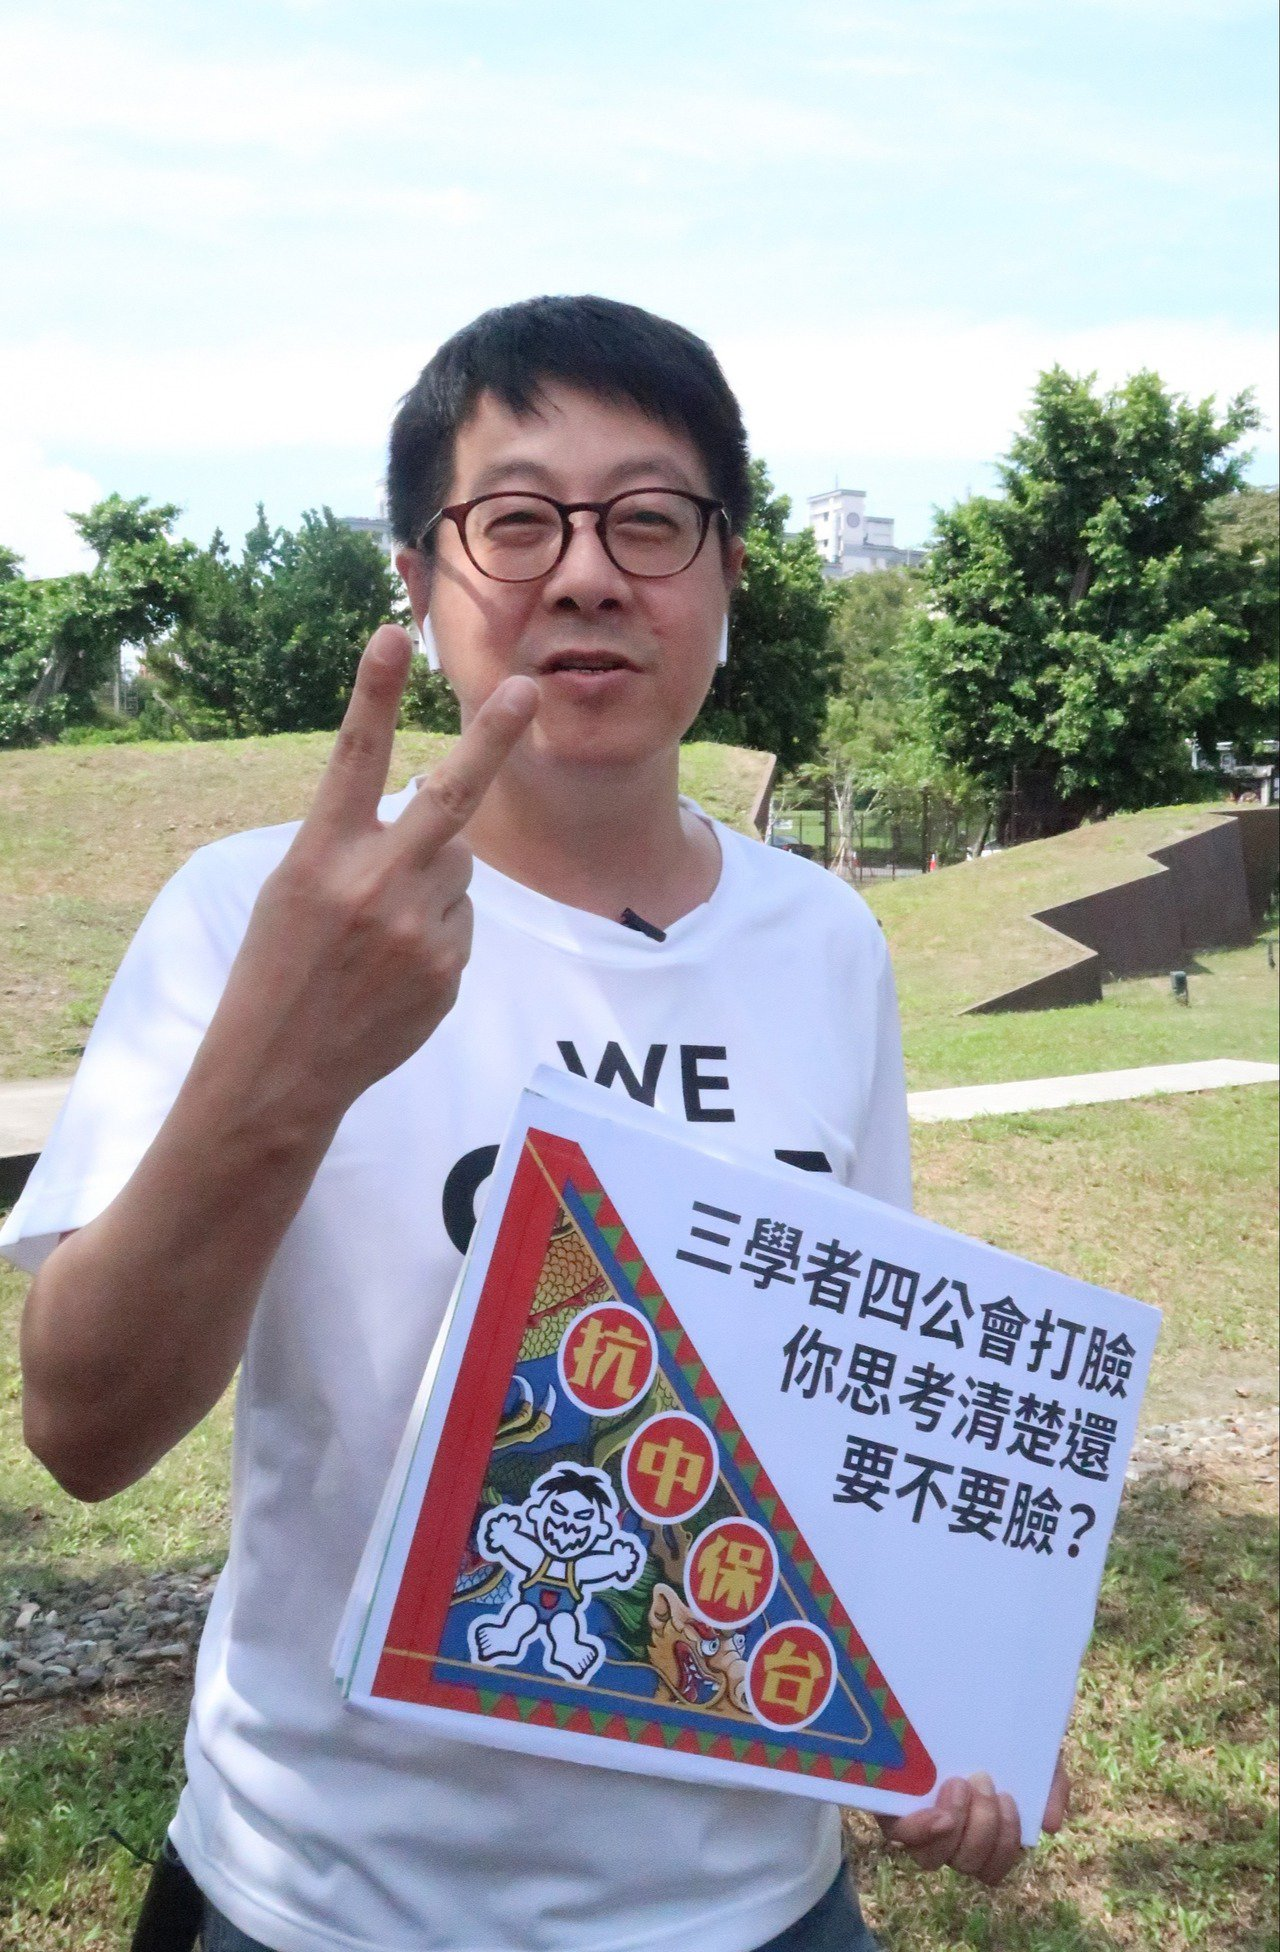 高雄市文化局前局長、Wecare高雄發起人尹立表示,這根本是市府故意要「卡」,以...